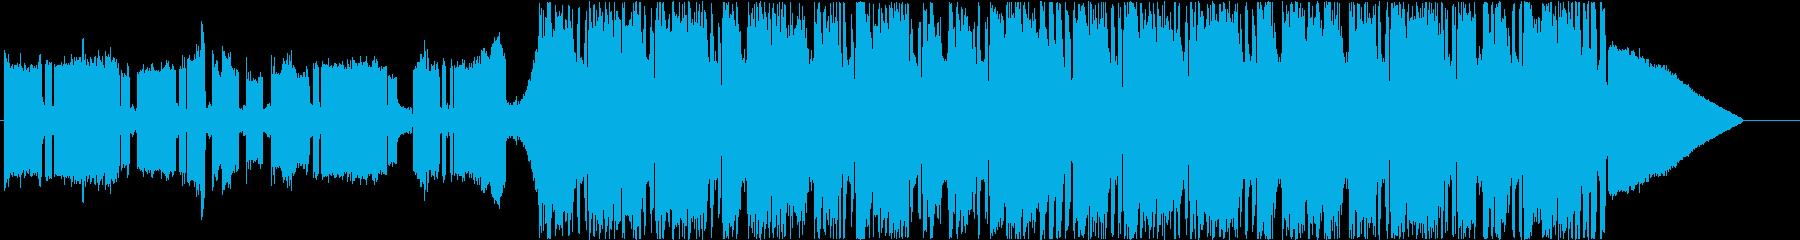 EDMドロップの再生済みの波形